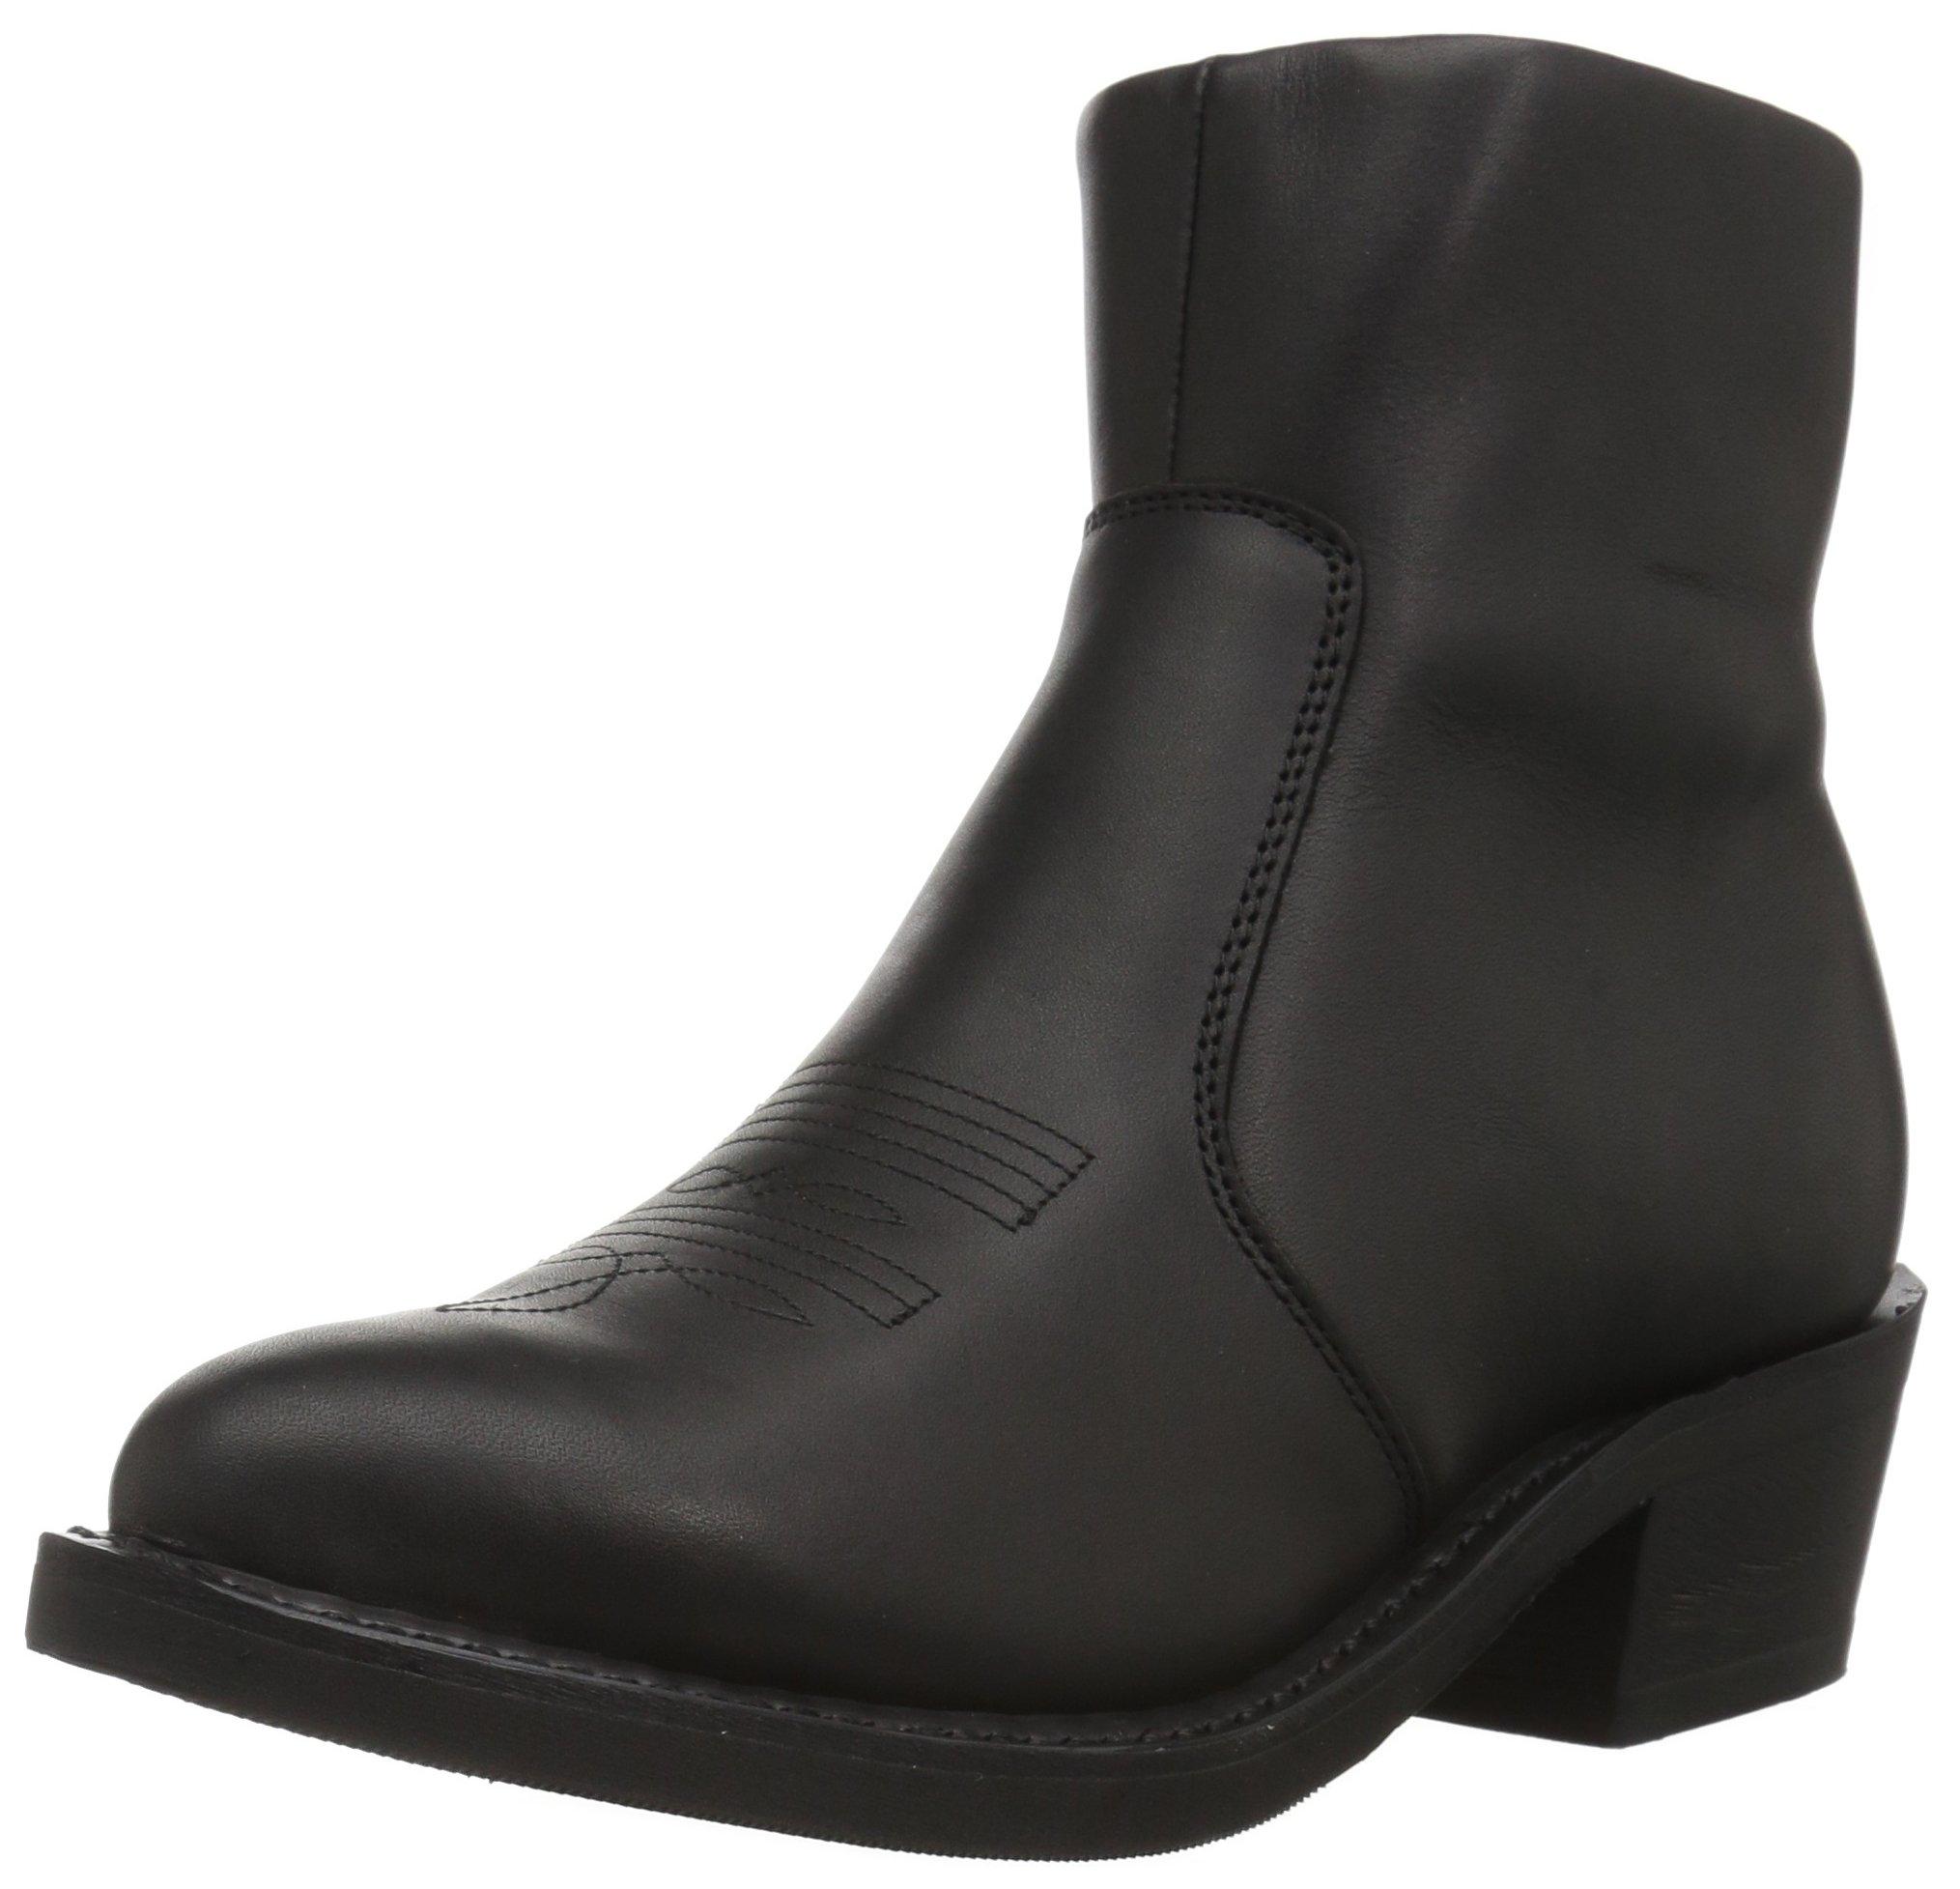 Durango Men's TR820 Boot,Black,8.5 M US